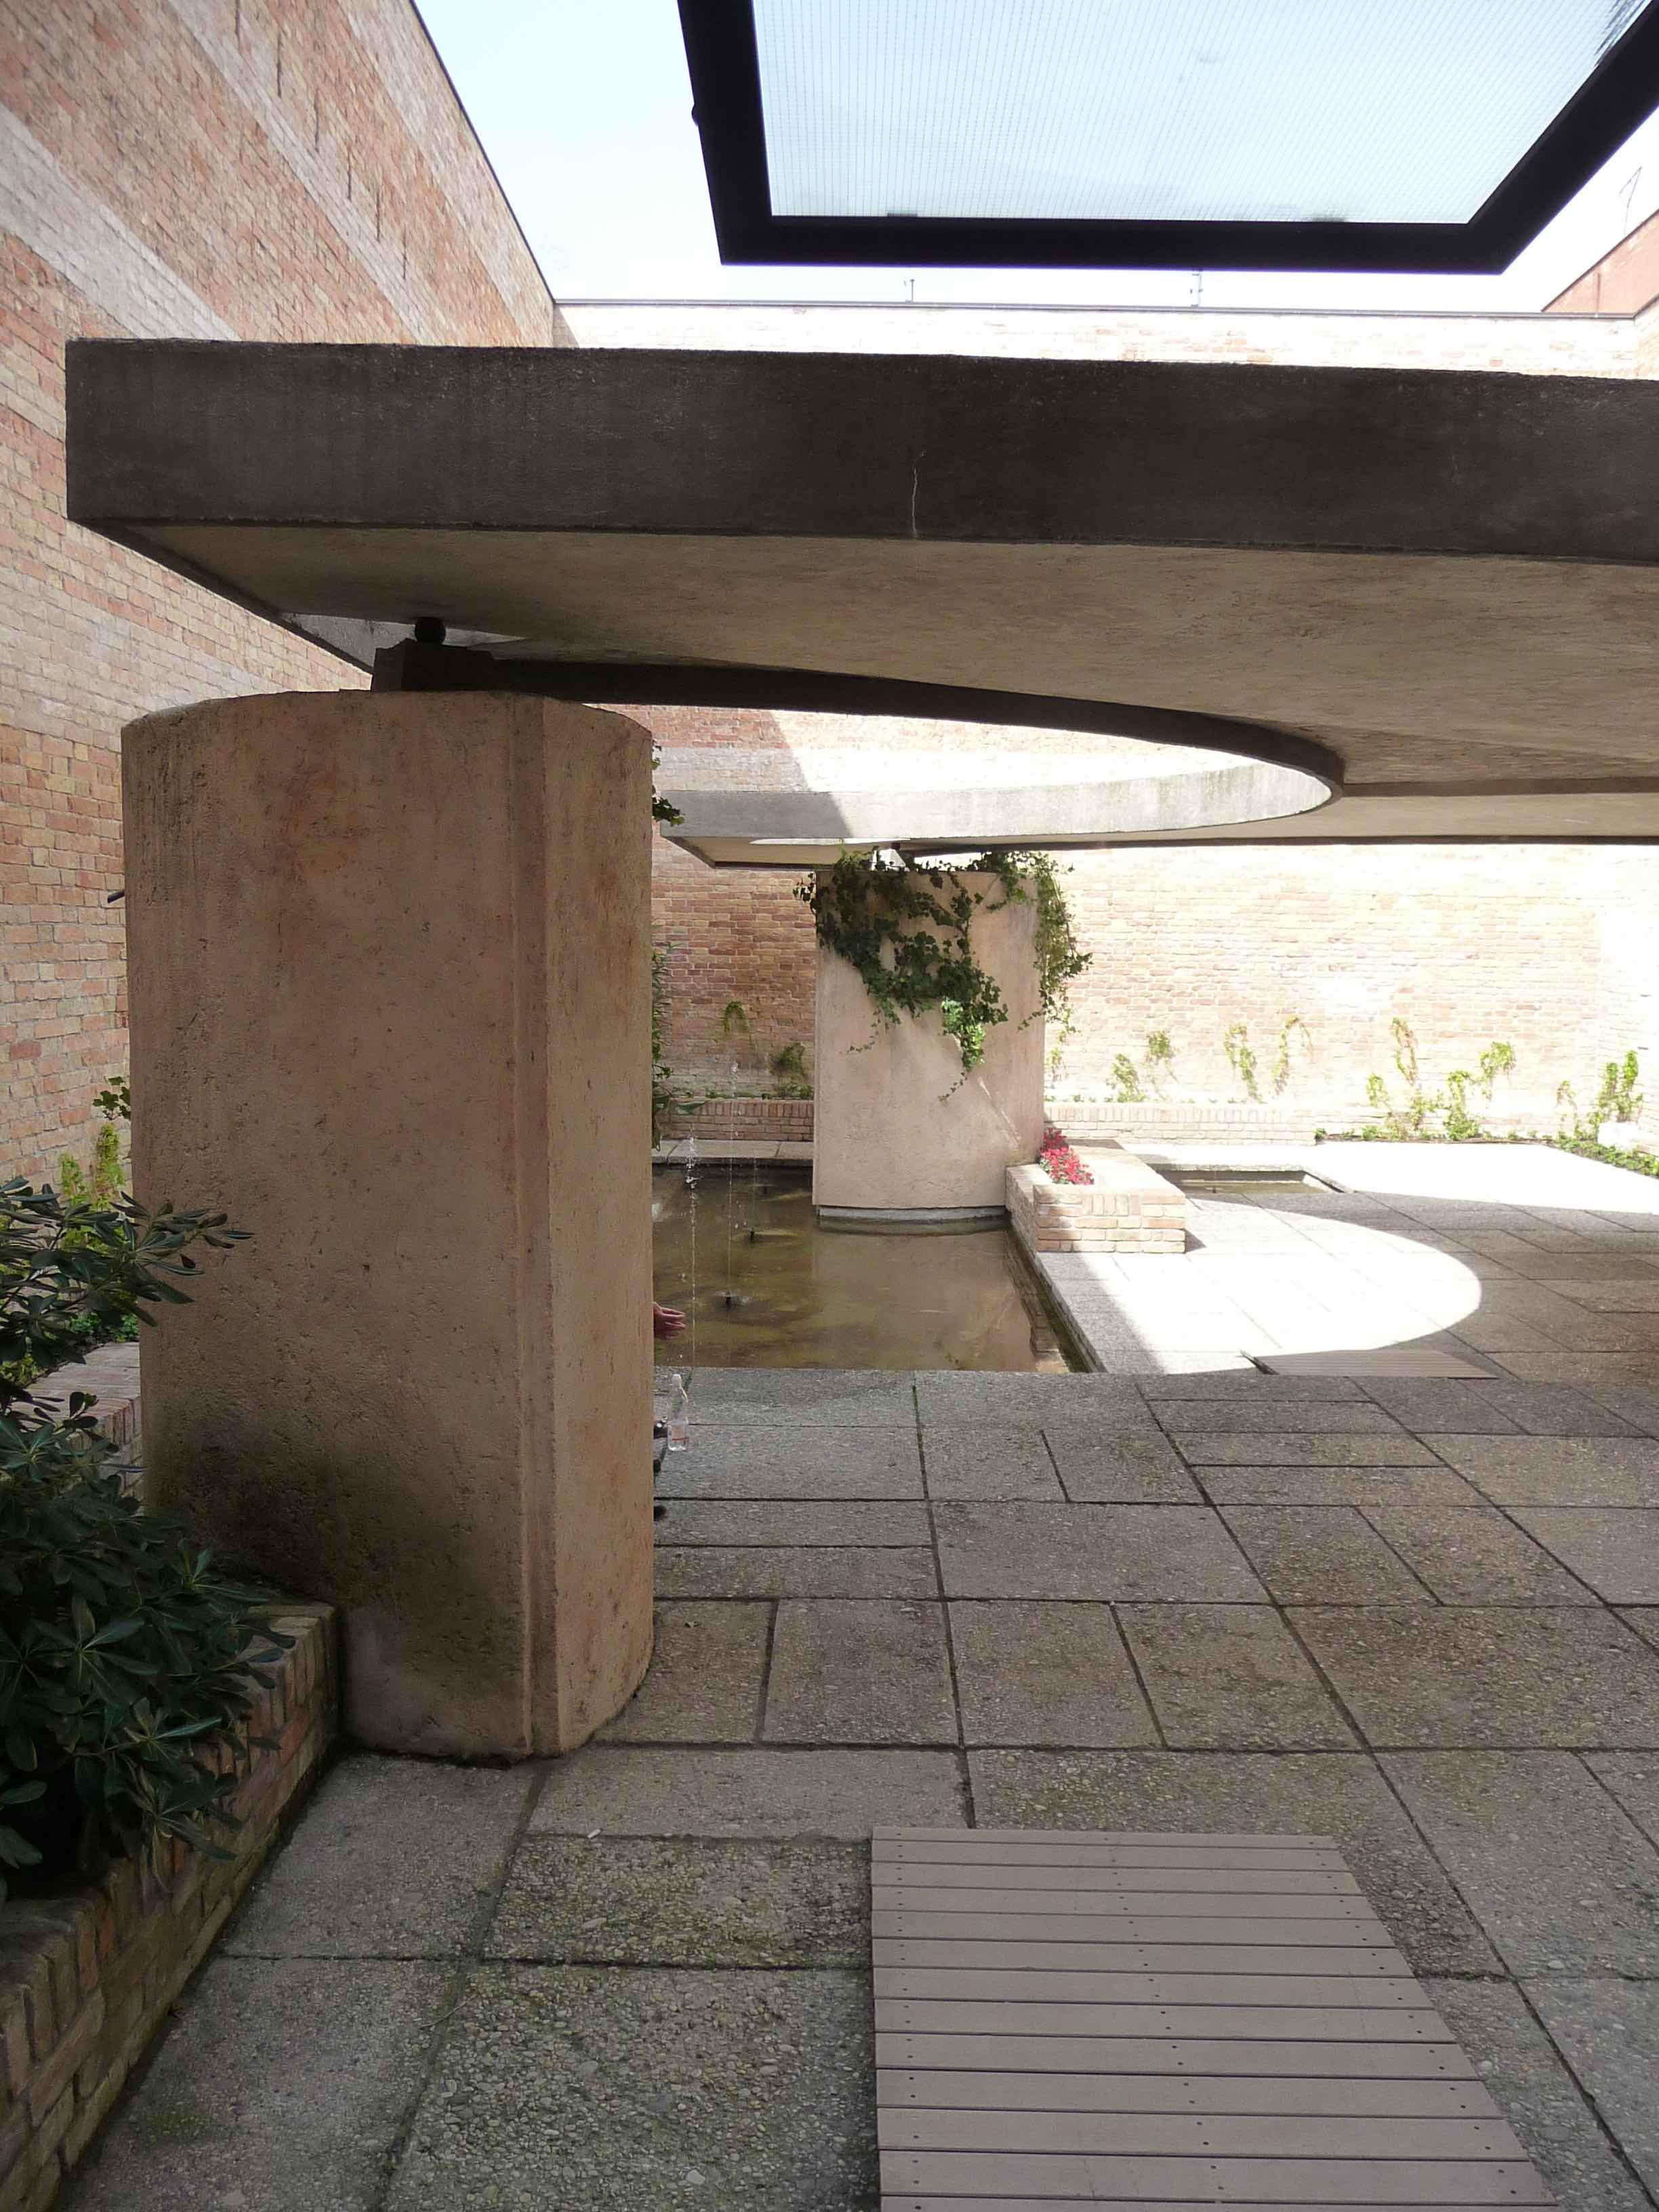 Italian Biennale Pavilion Courtyard Venice By Carlo Scarpa